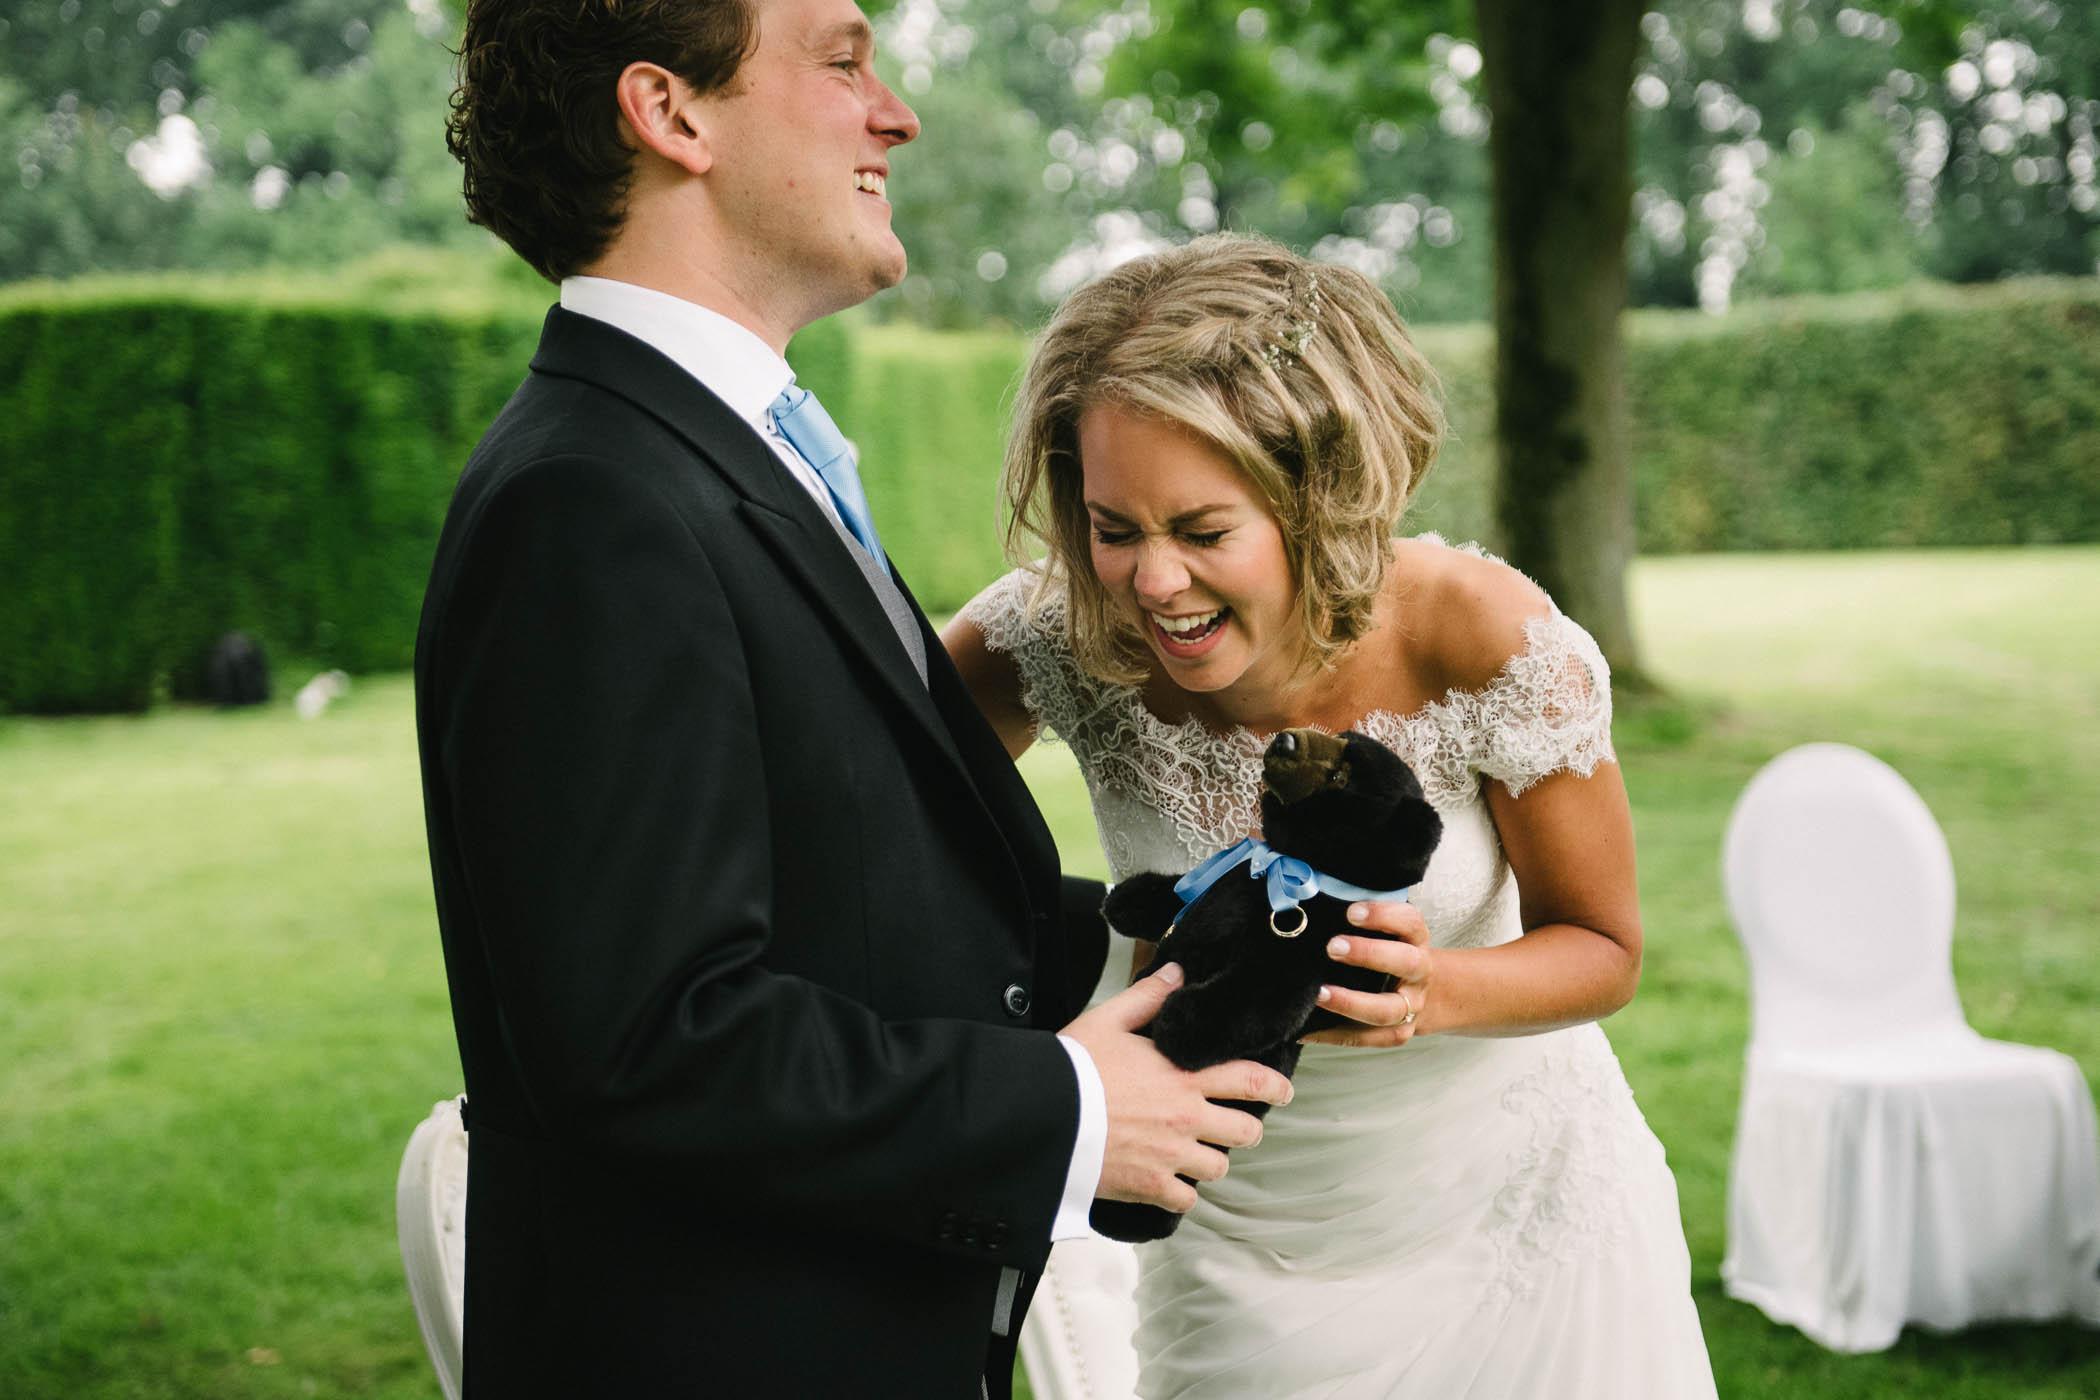 trouwen in open lucht spontane foto's